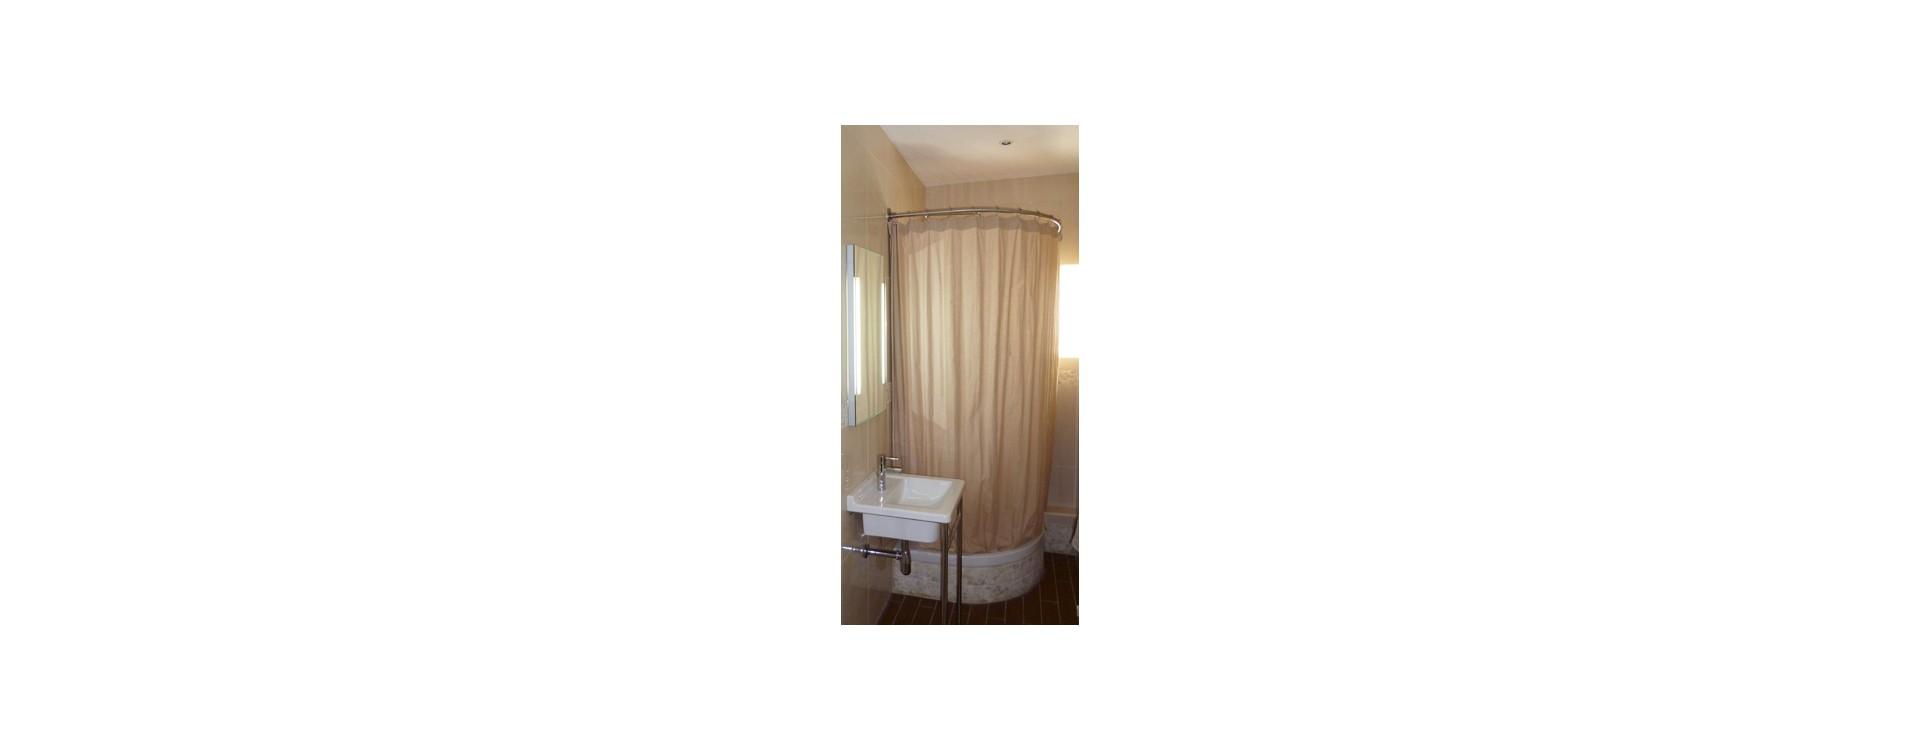 GalboBain: une solution rideau de douche élégante et pratique pour douche d'angle avec receveur quart de rond